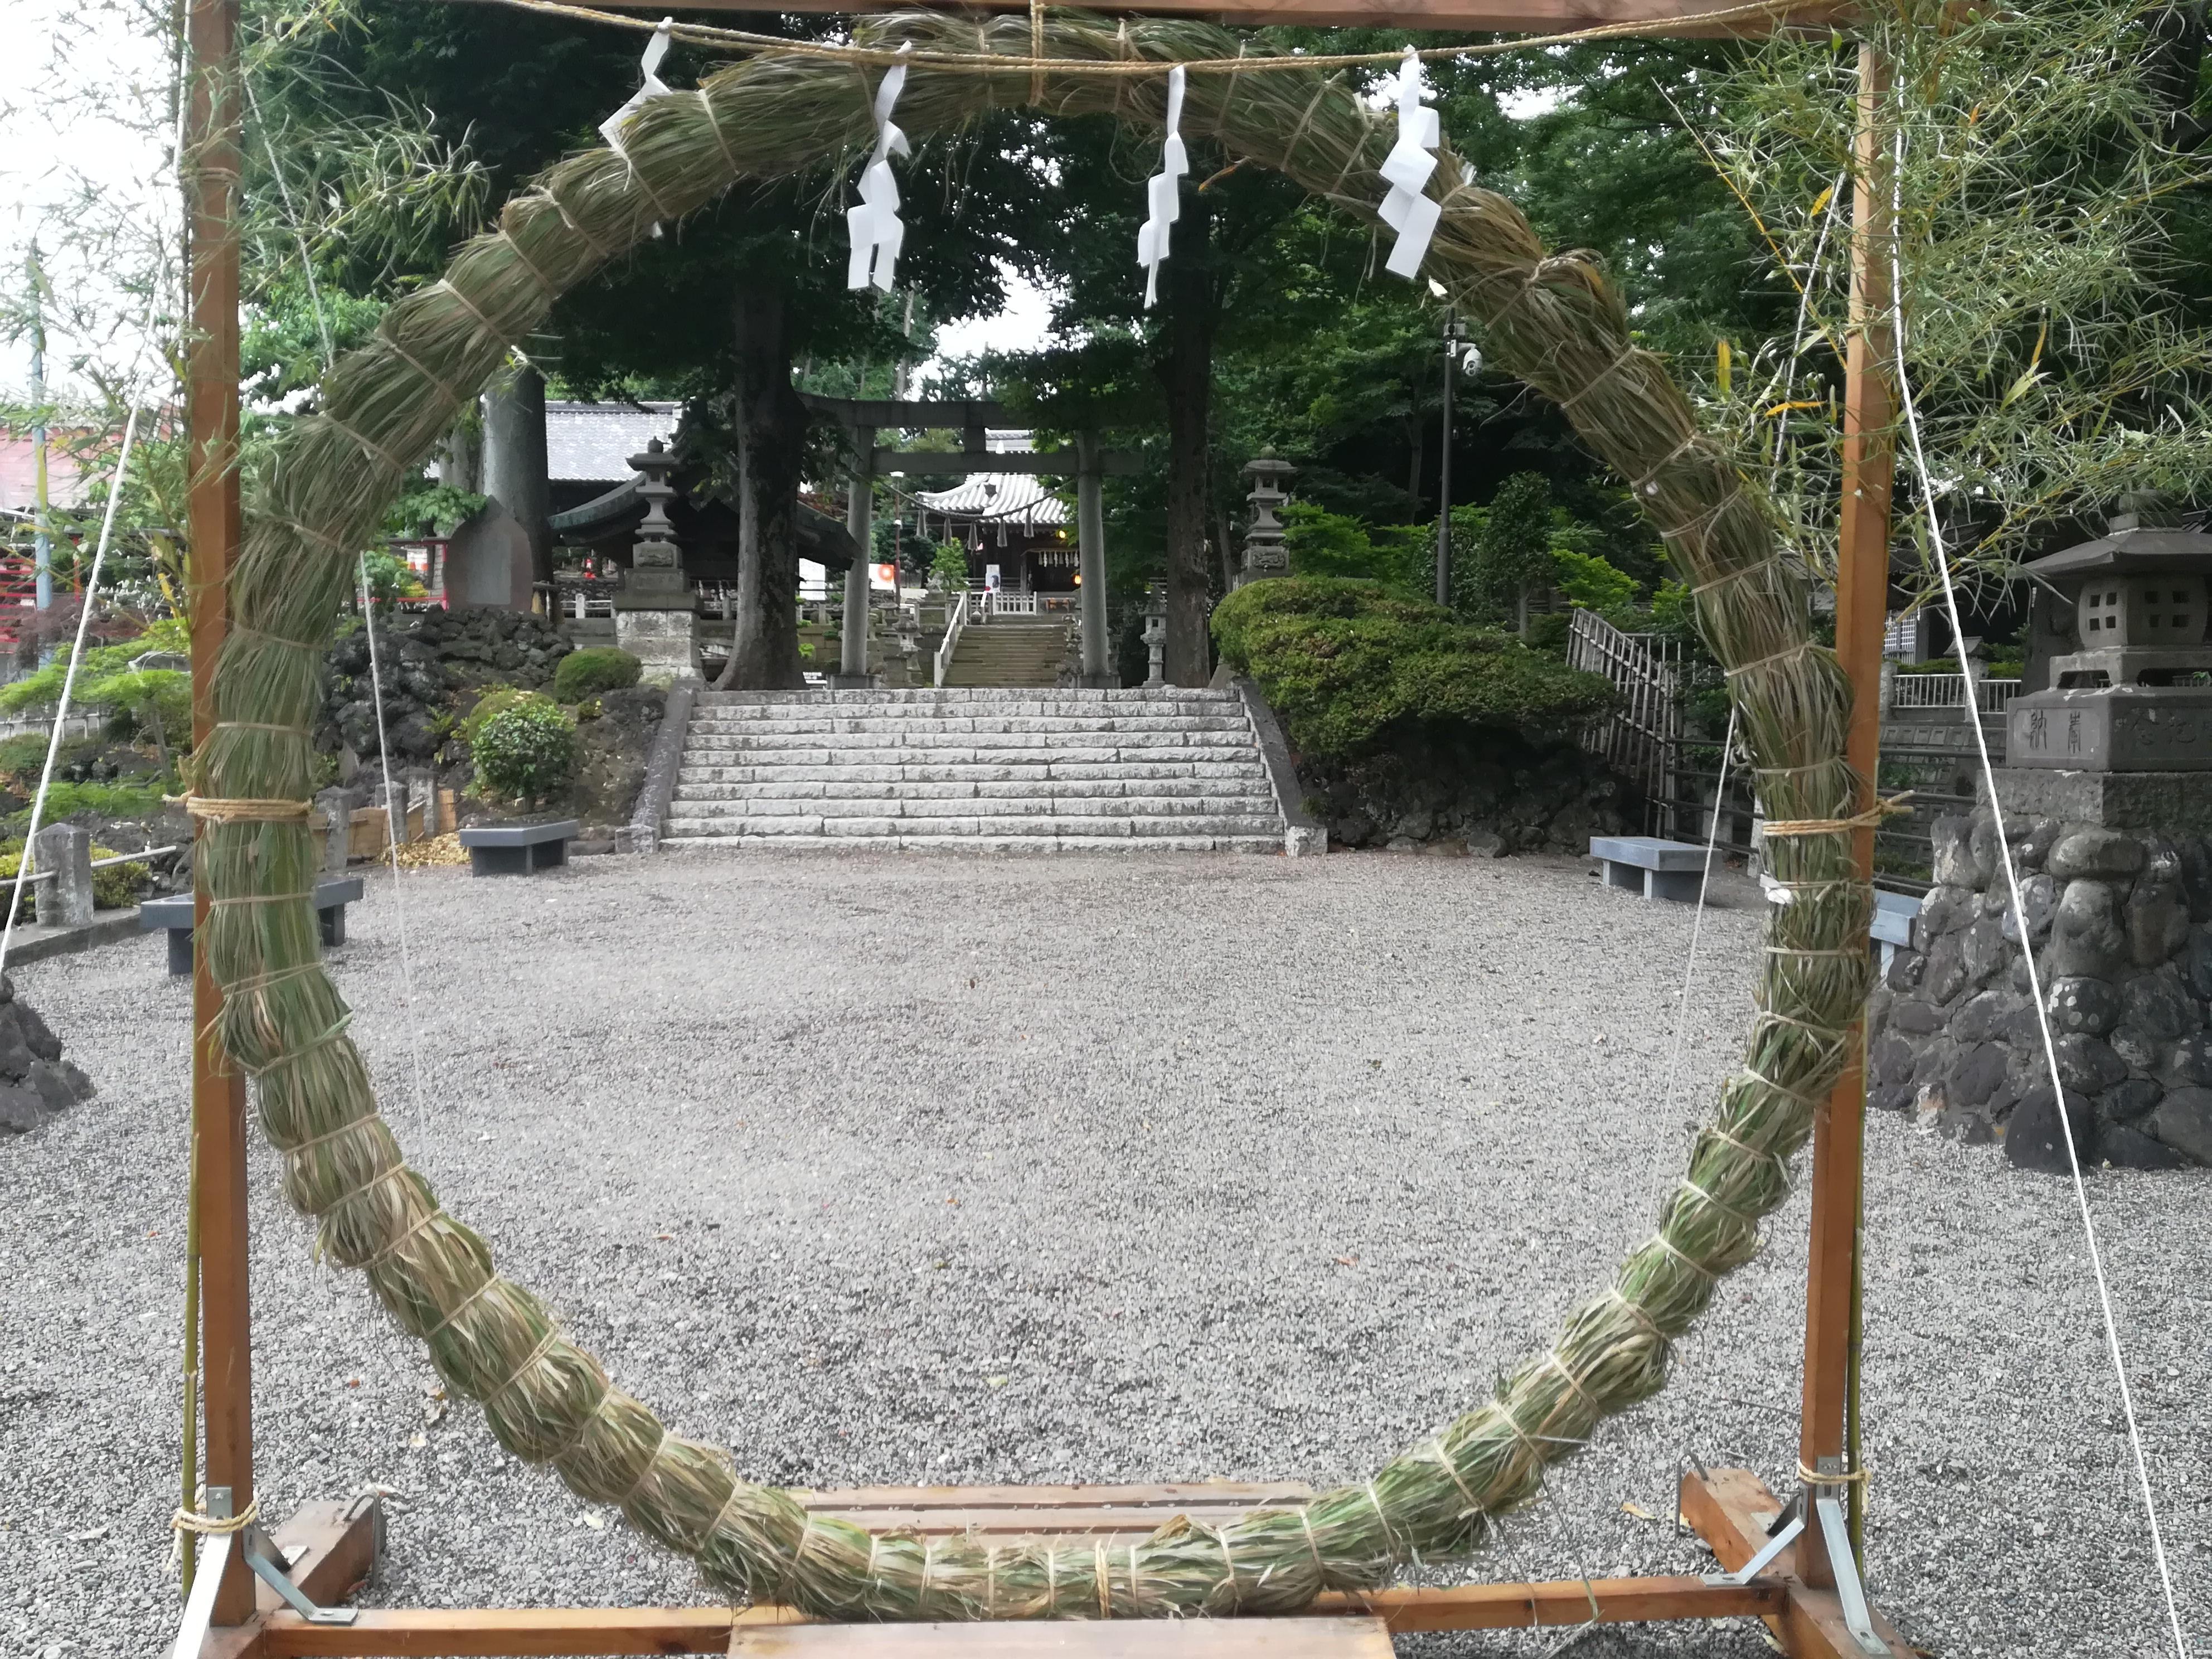 夏越の大祓(なごしのおおはらい)